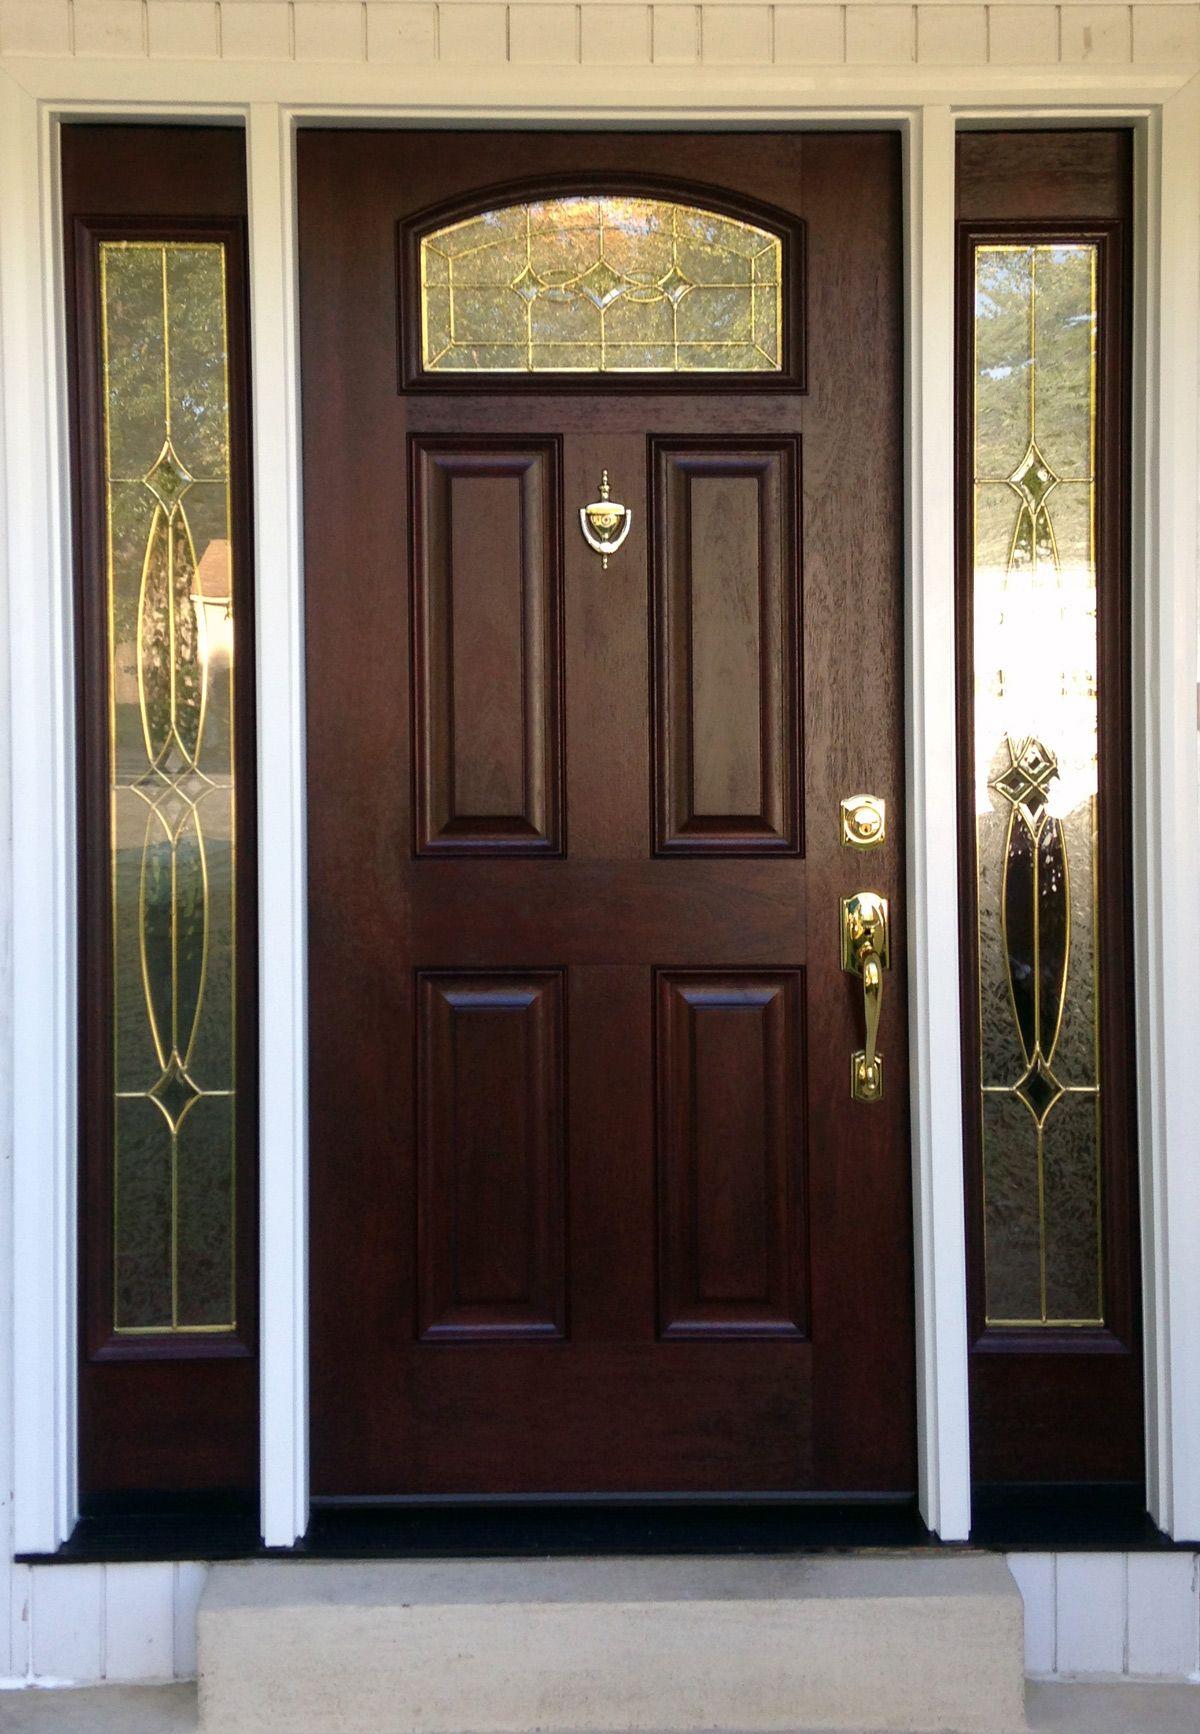 Pictures of front doors with storm doors - Provia Signet Mahogany With Emerald Glass Storm Doorsexterior